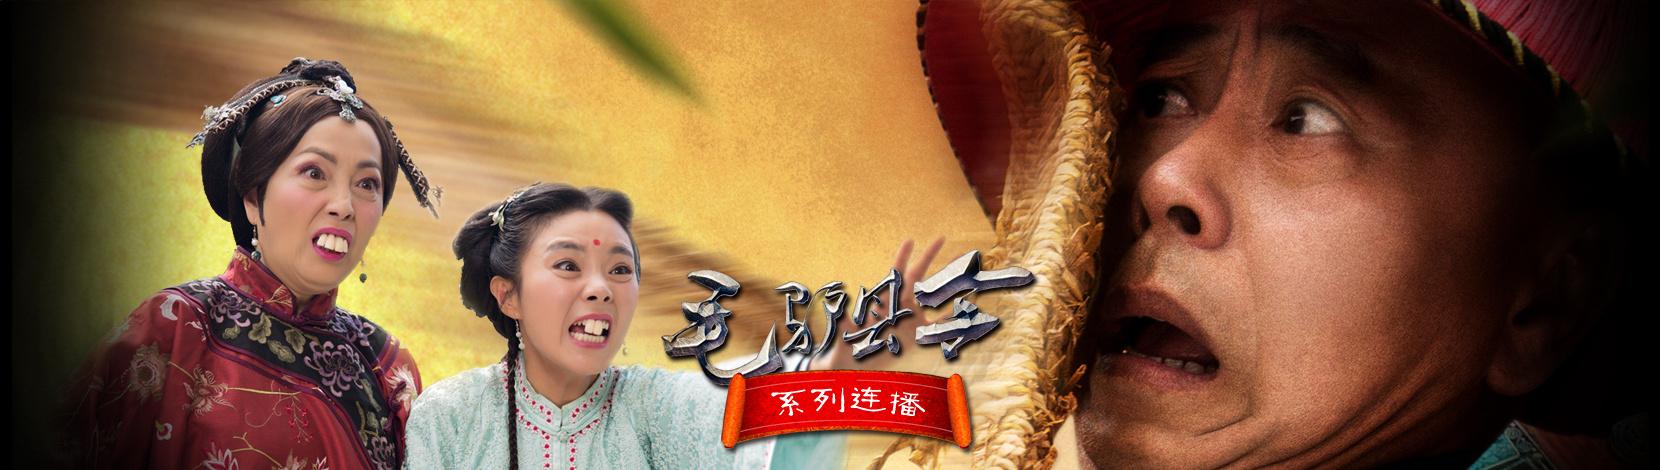 WOW剧场专题:毛驴县令连播